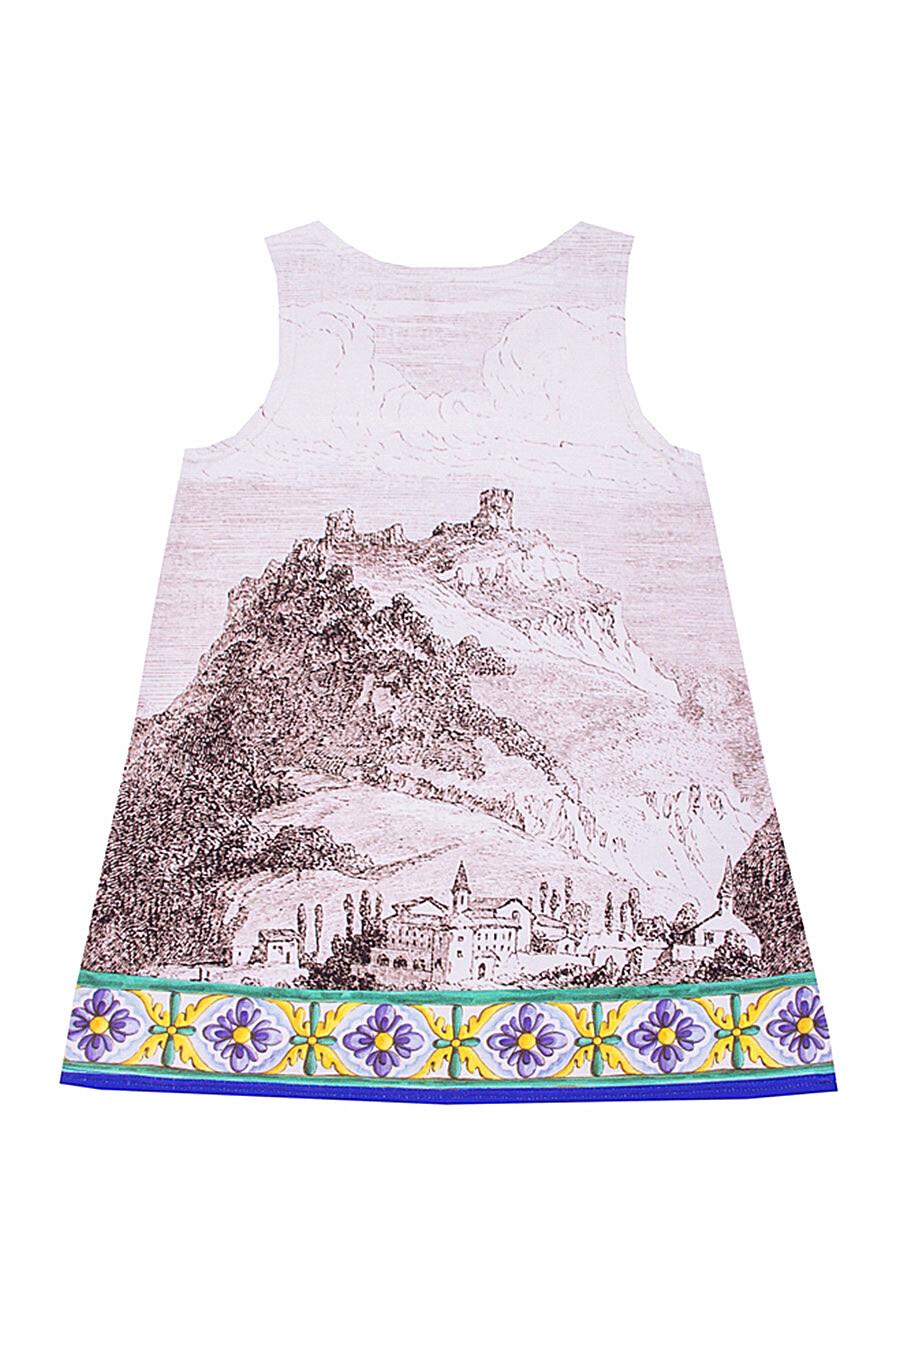 Джемпер для девочек Archi 131015 купить оптом от производителя. Совместная покупка детской одежды в OptMoyo